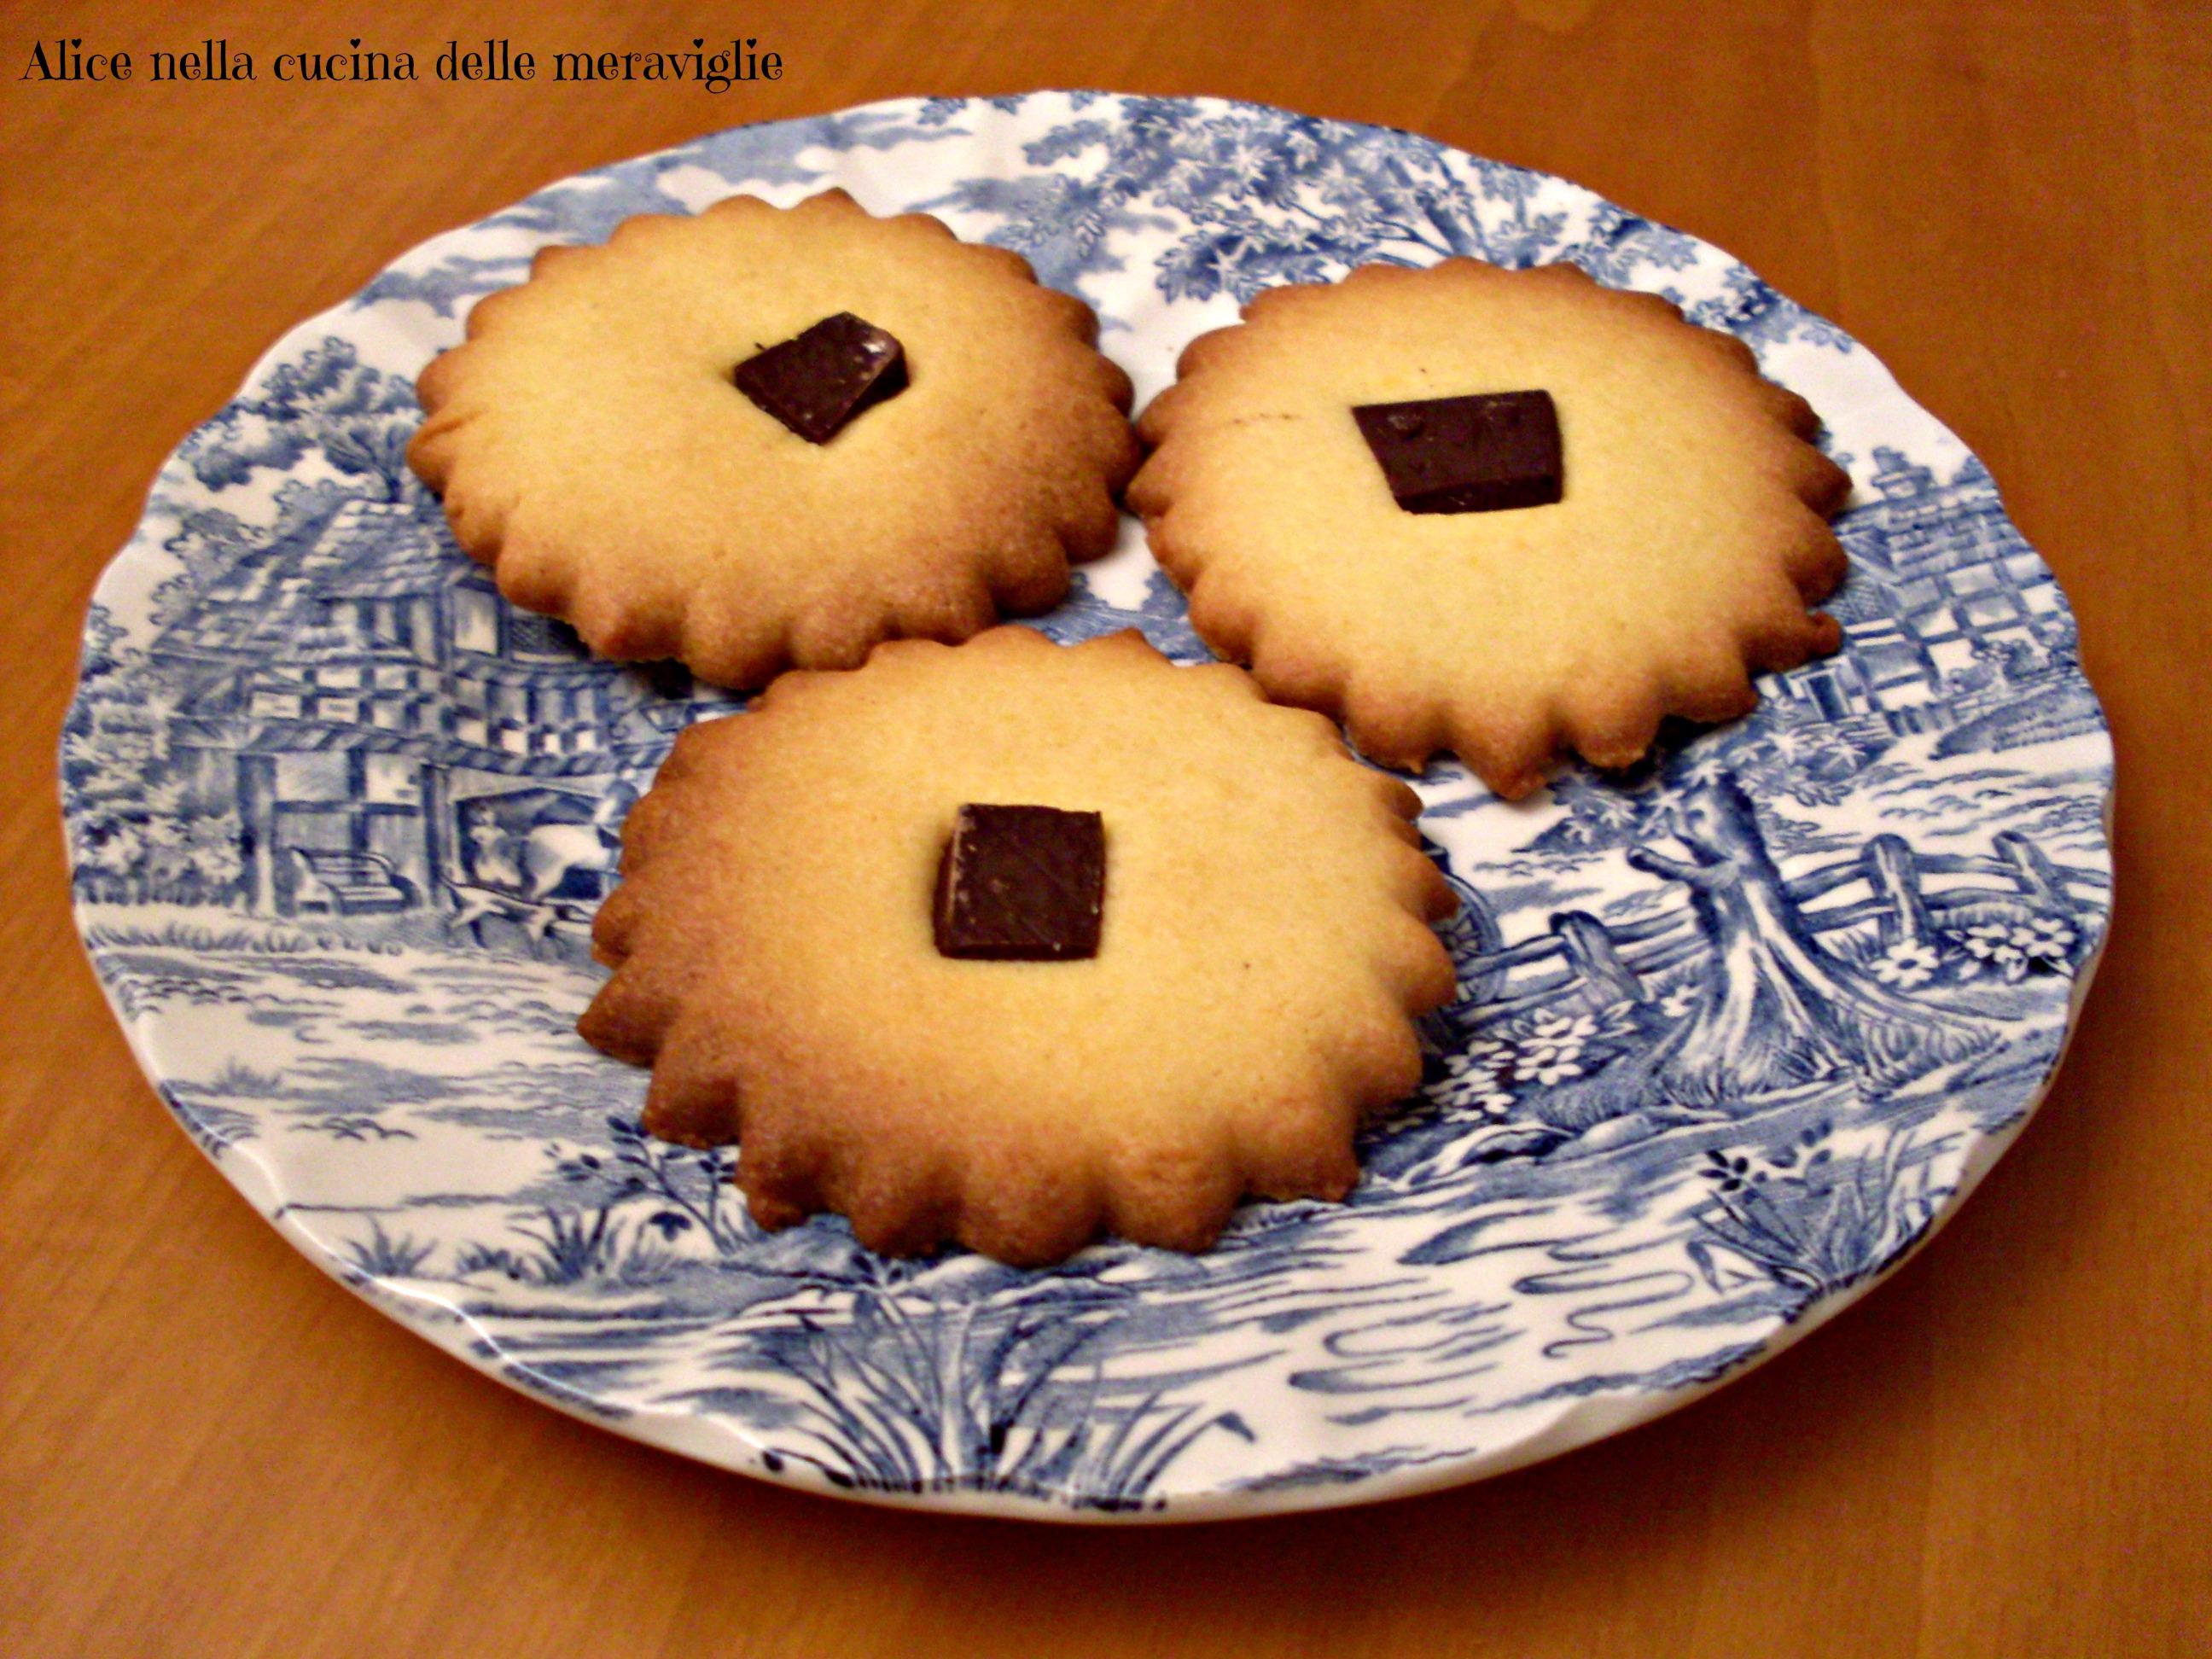 Biscotti di pasta frolla con cioccolato Ricetta dolce Alice nella cucina delle meraviglie